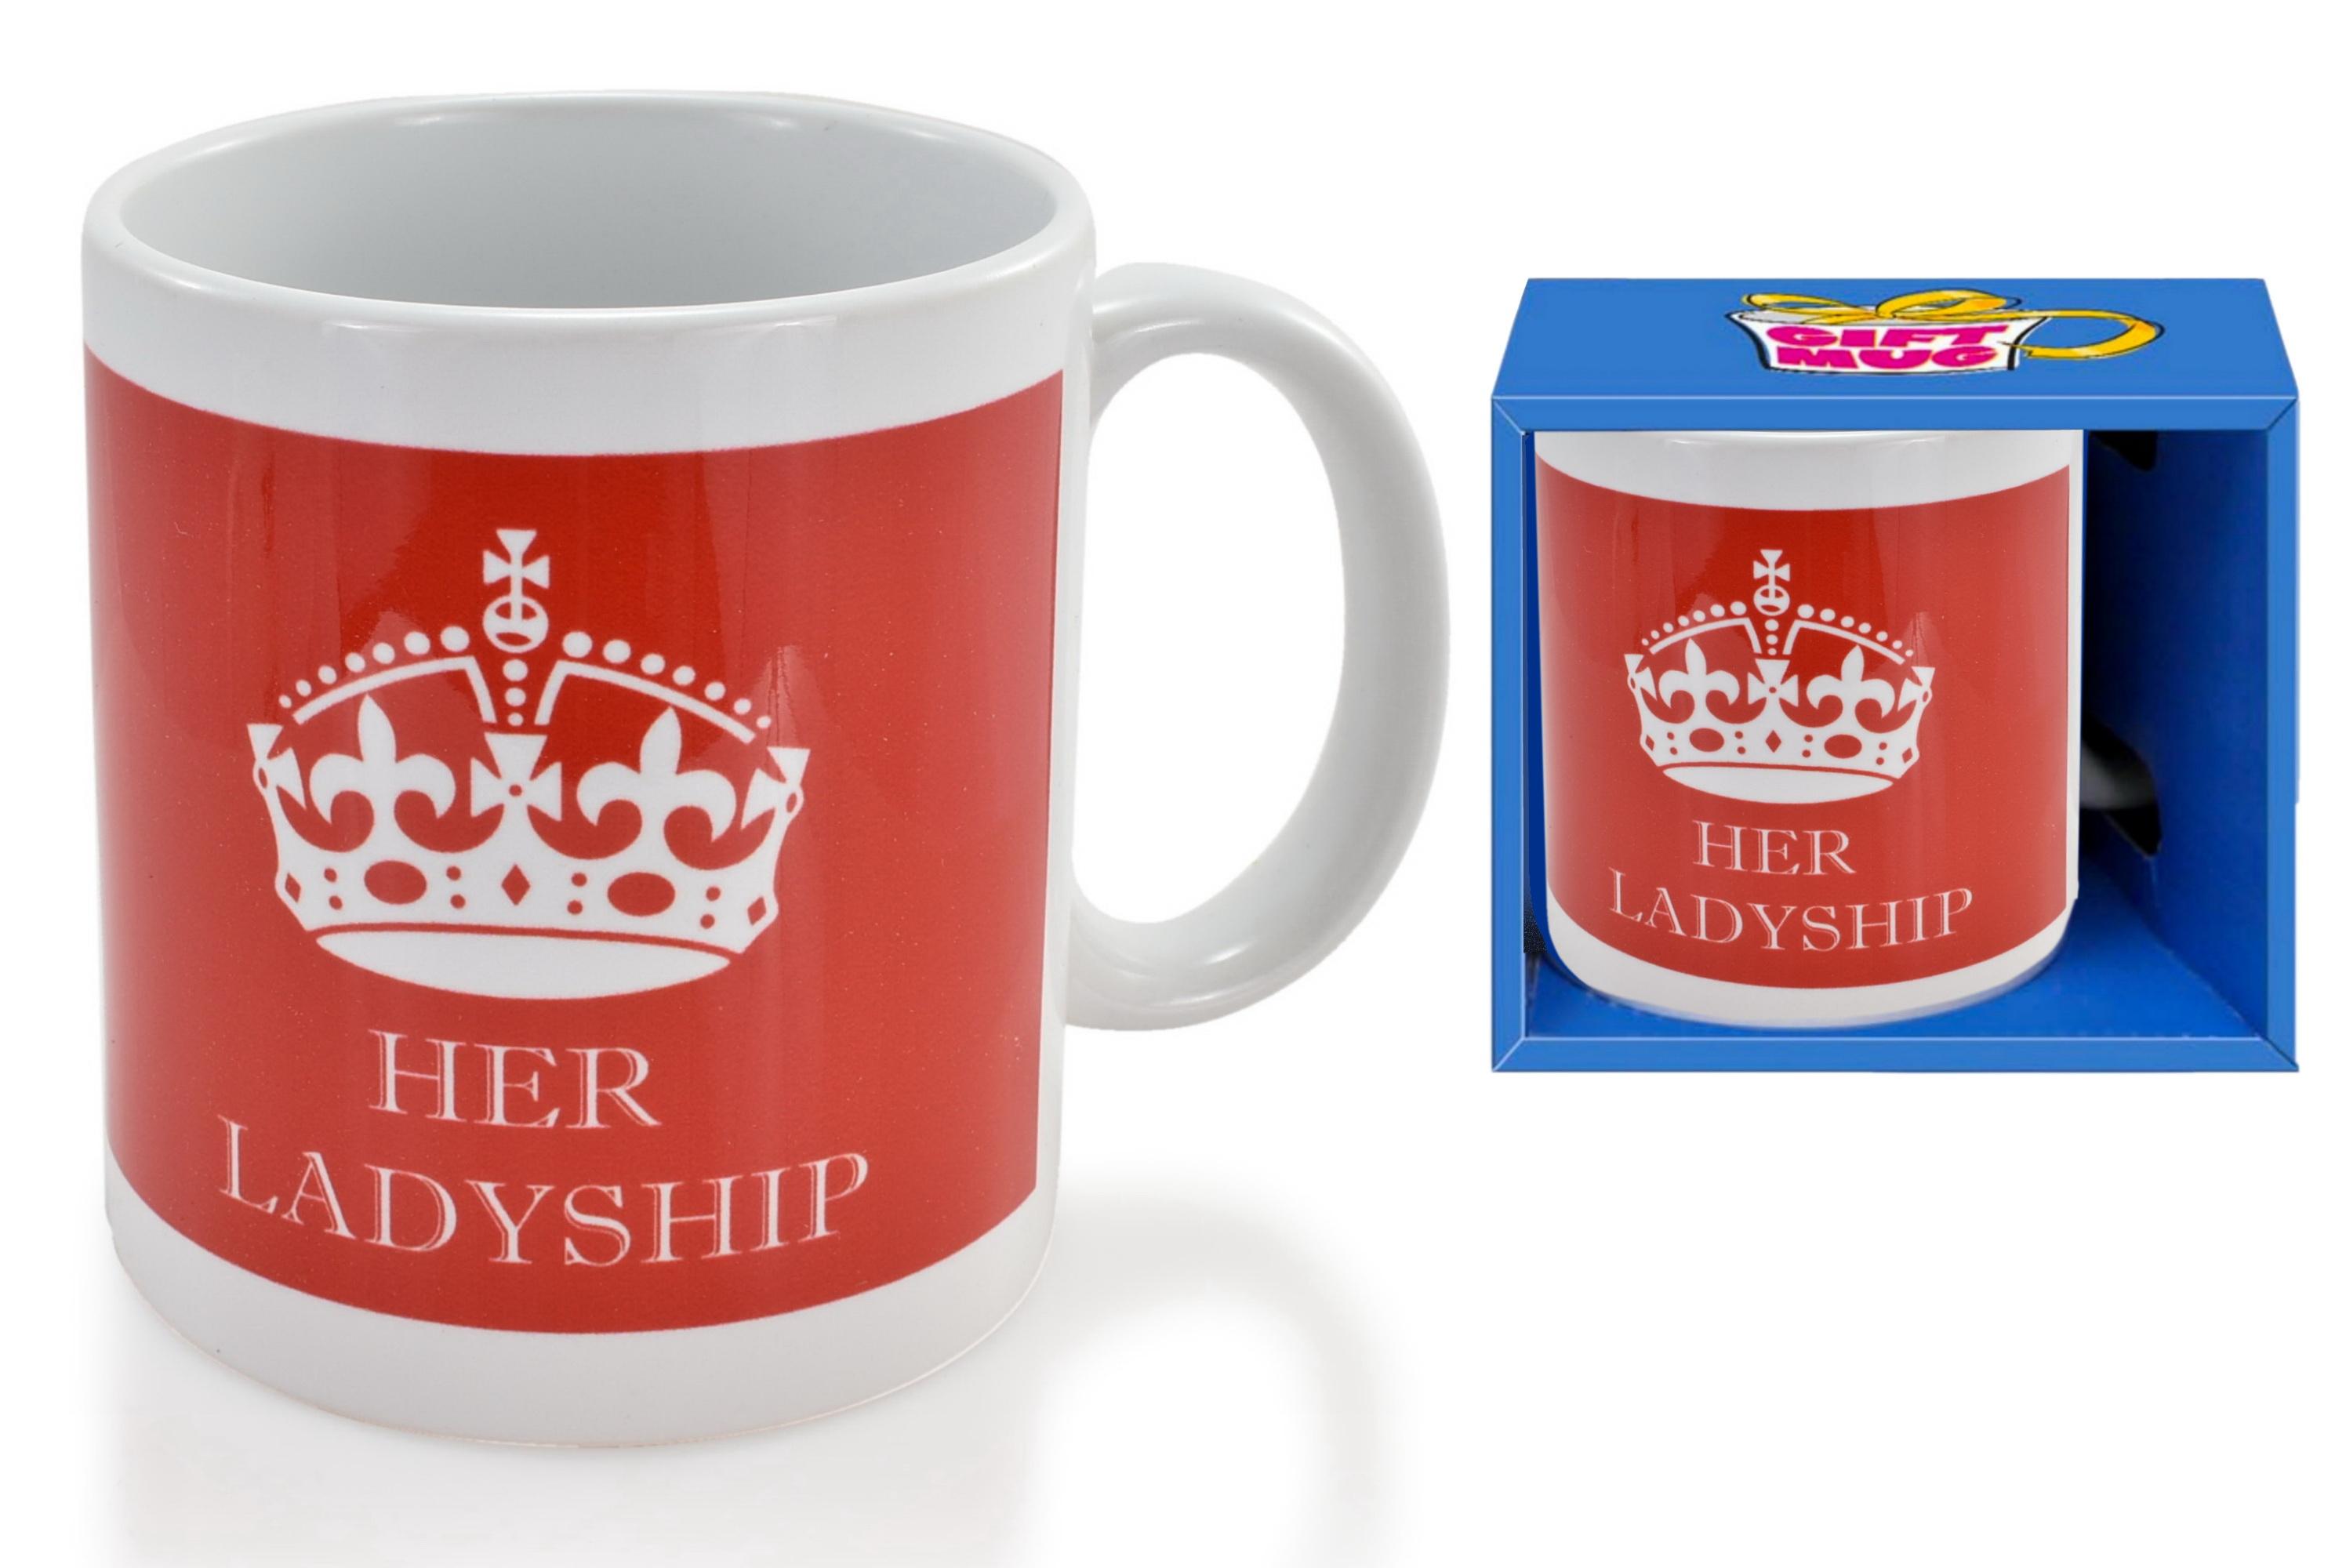 Her Ladyship Mug In Gift Box